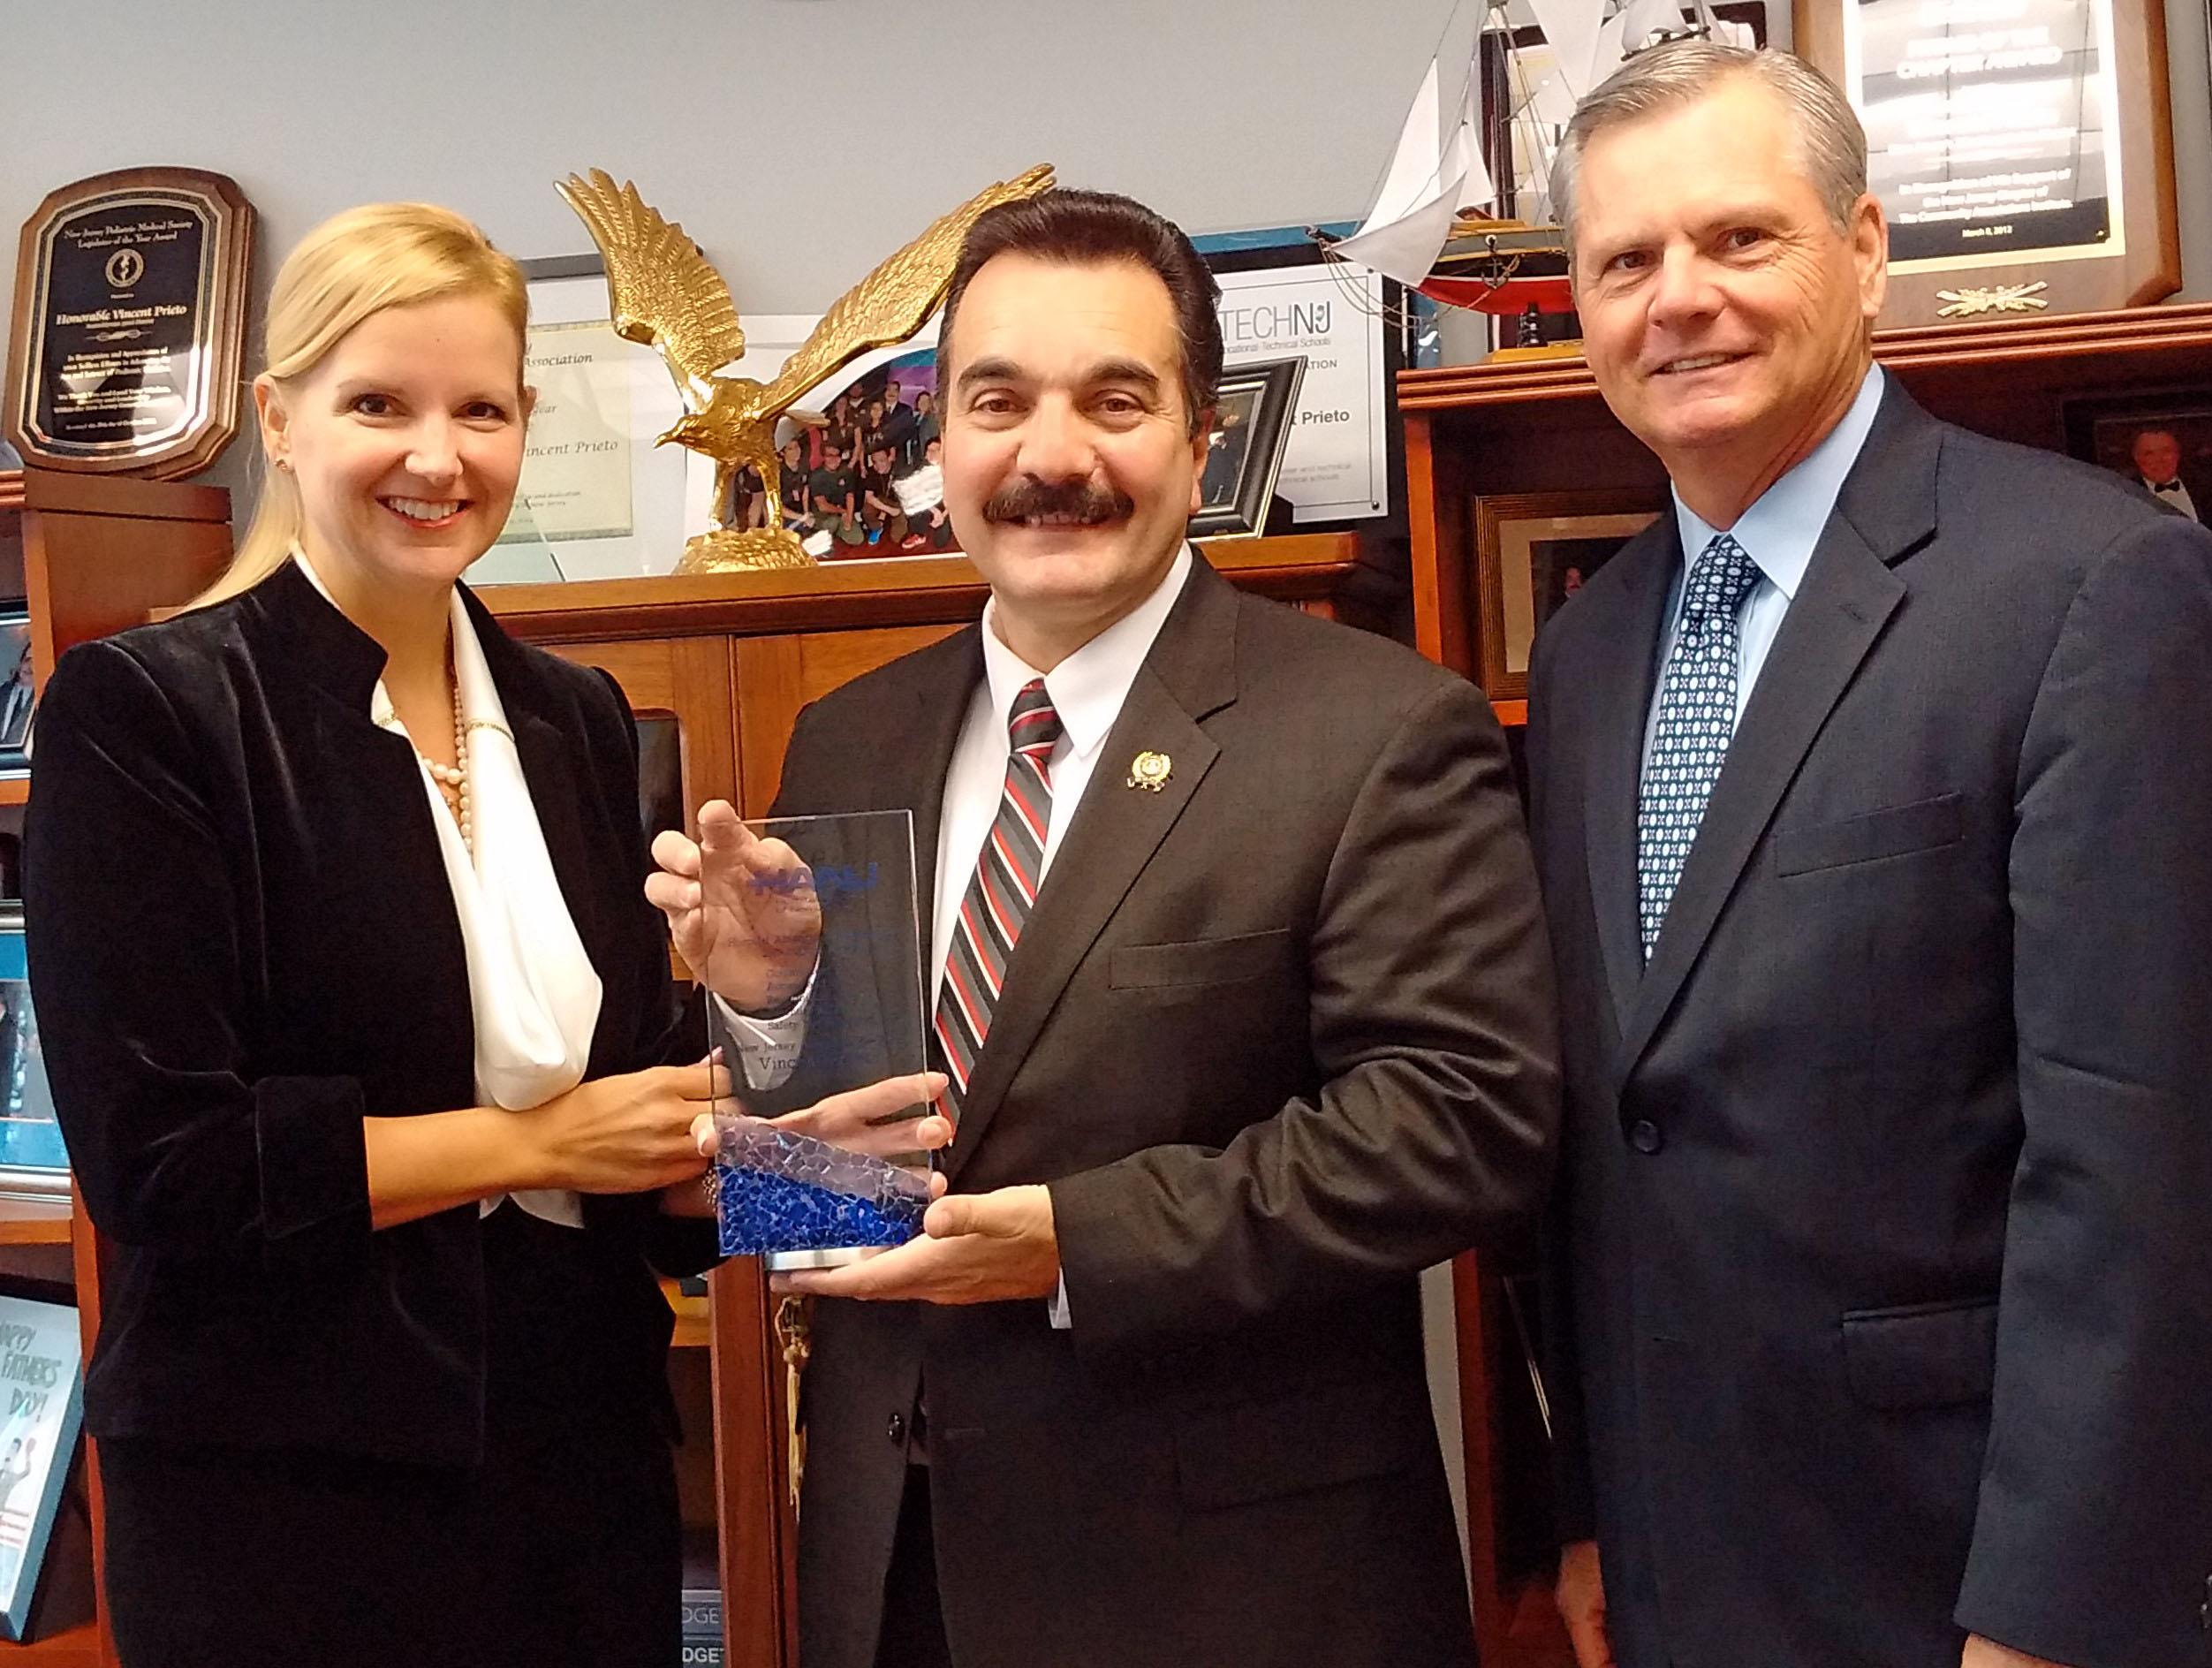 Prieto was a recipient of the CARES award.